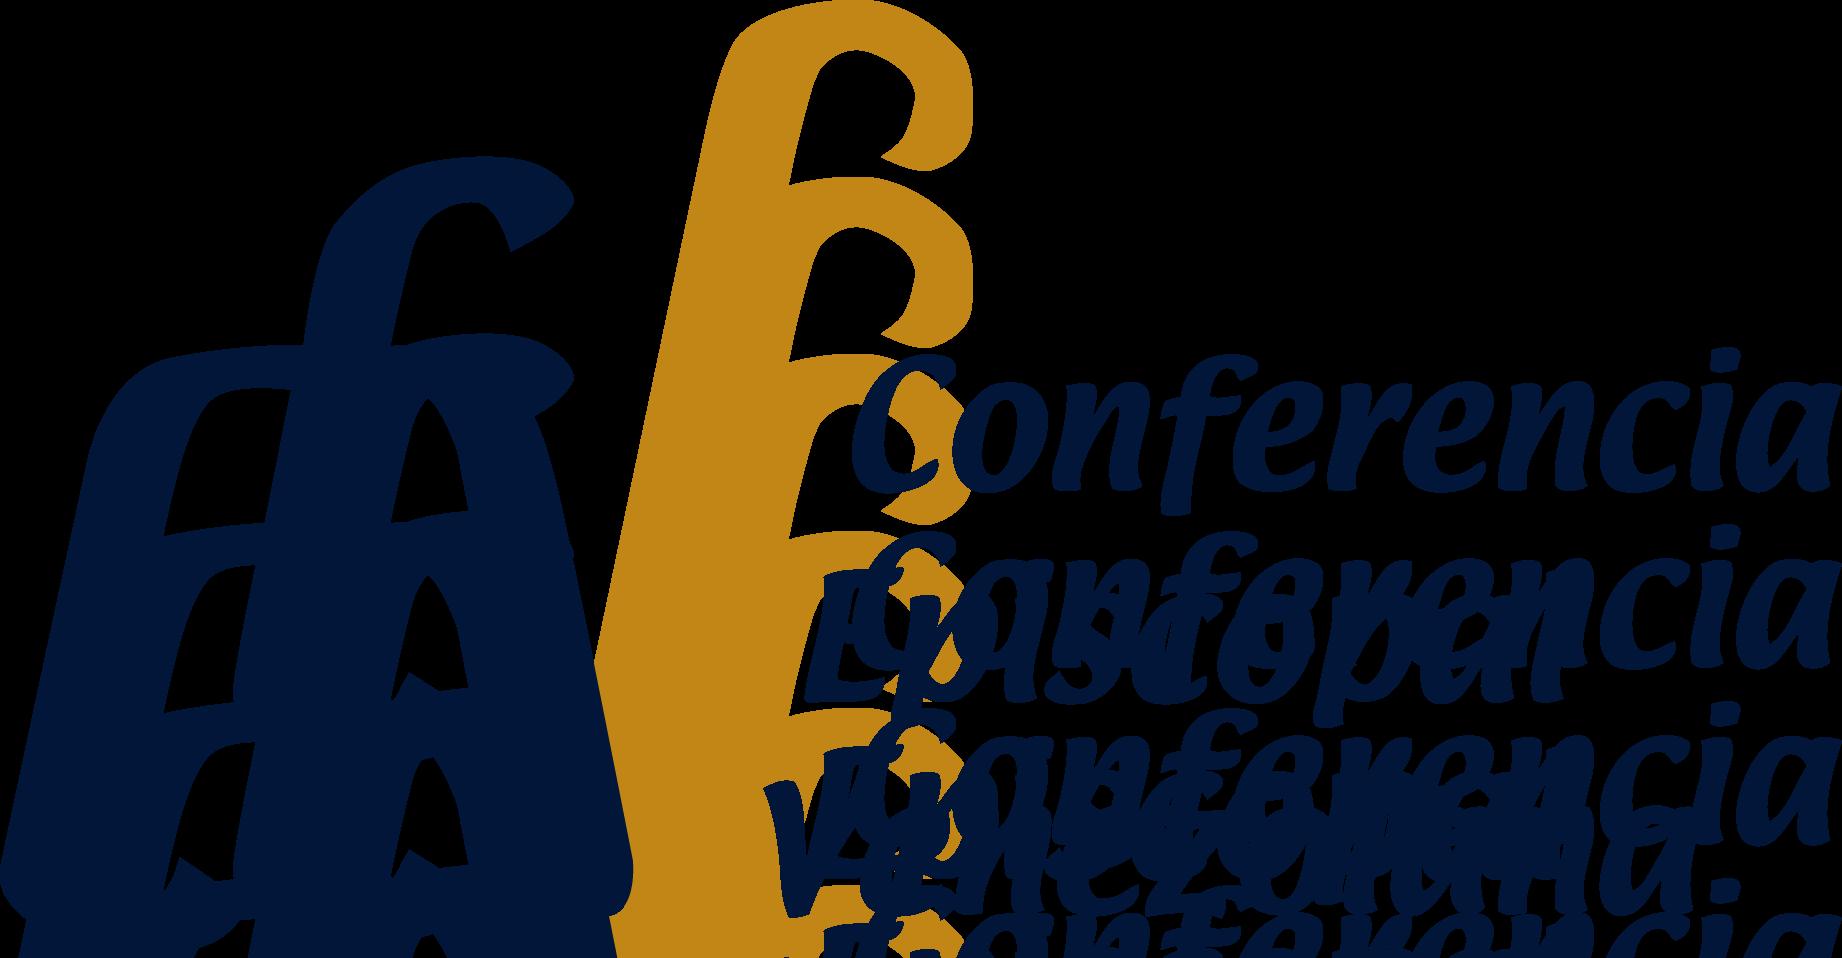 Conferencia Episcopal de Venezuela - Wikipedia, la enciclopedia libre